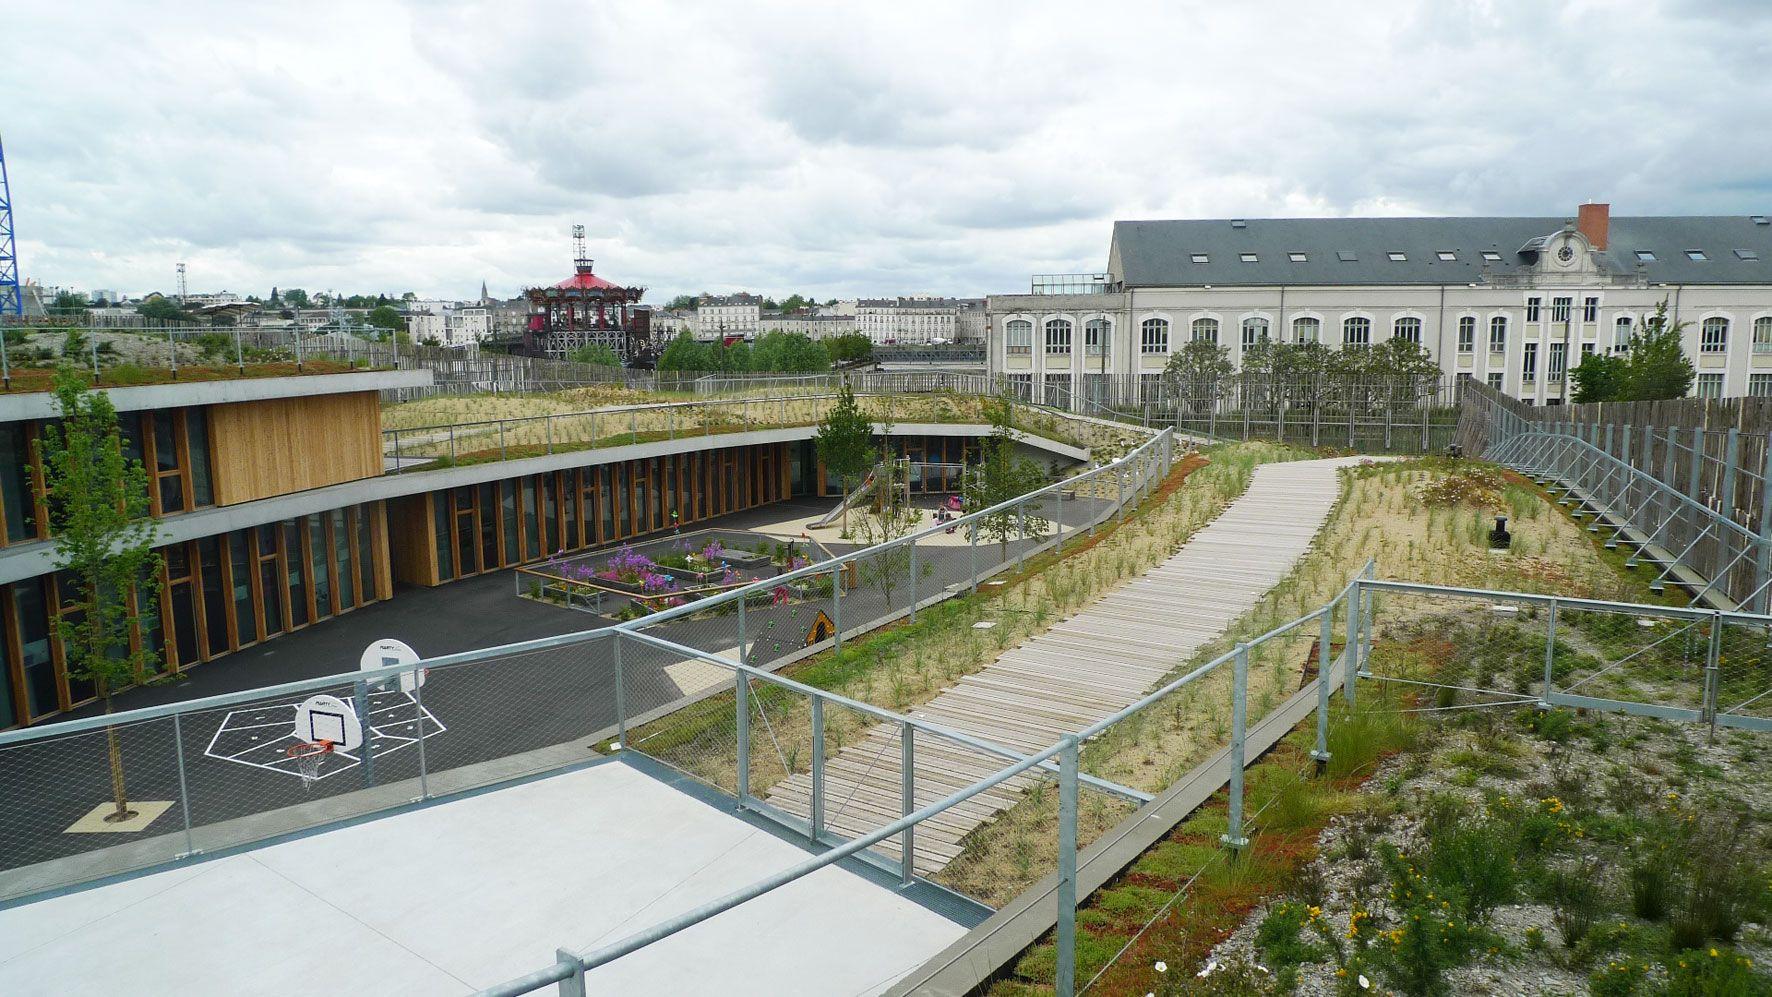 Collectivit s jardin urbain bronze nantes m tropole pour for Jardin urbain moderne